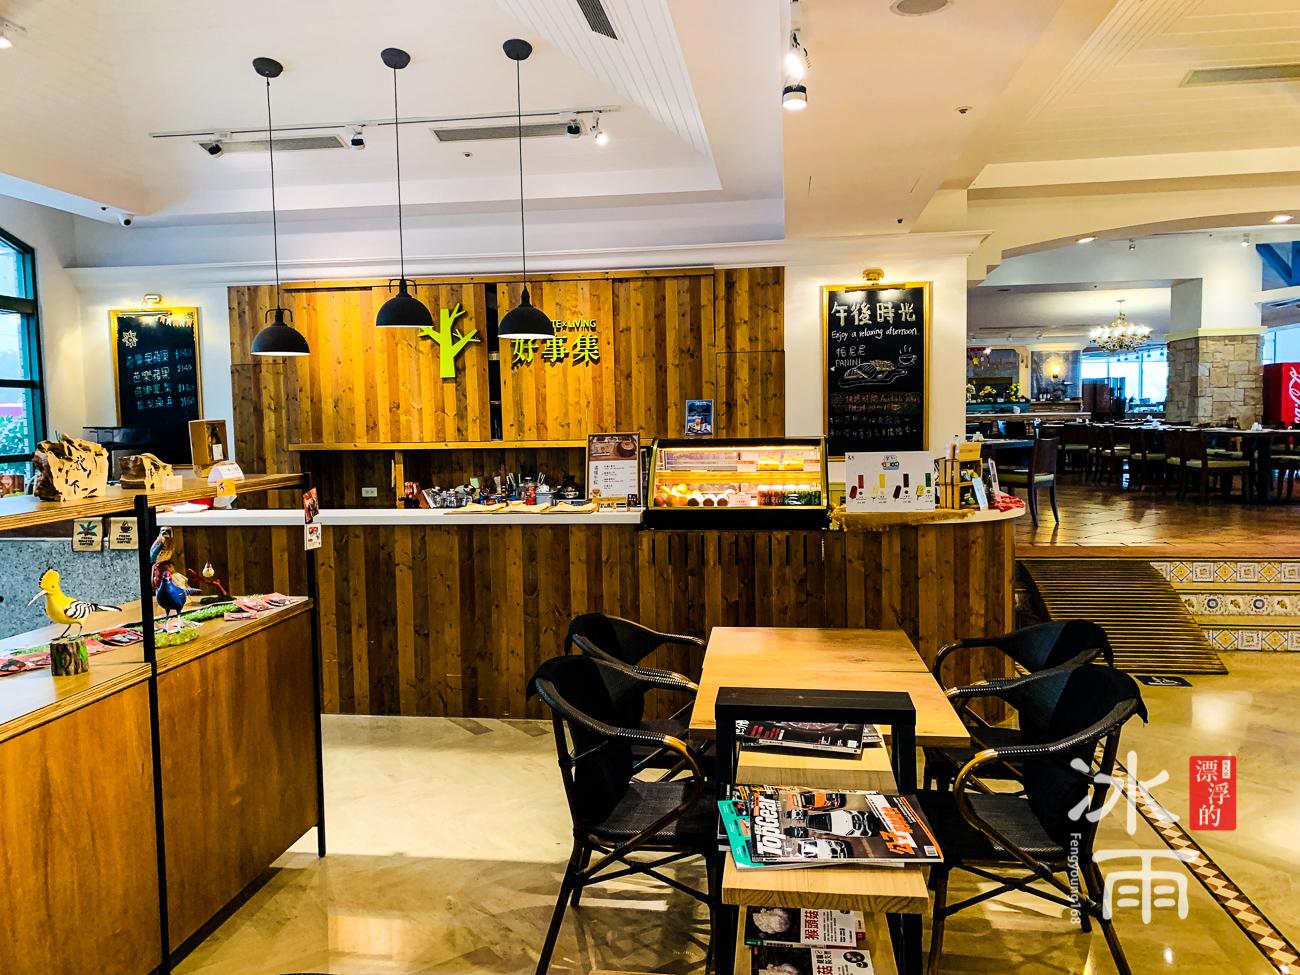 陽明山天籟溫泉會館|咖啡館